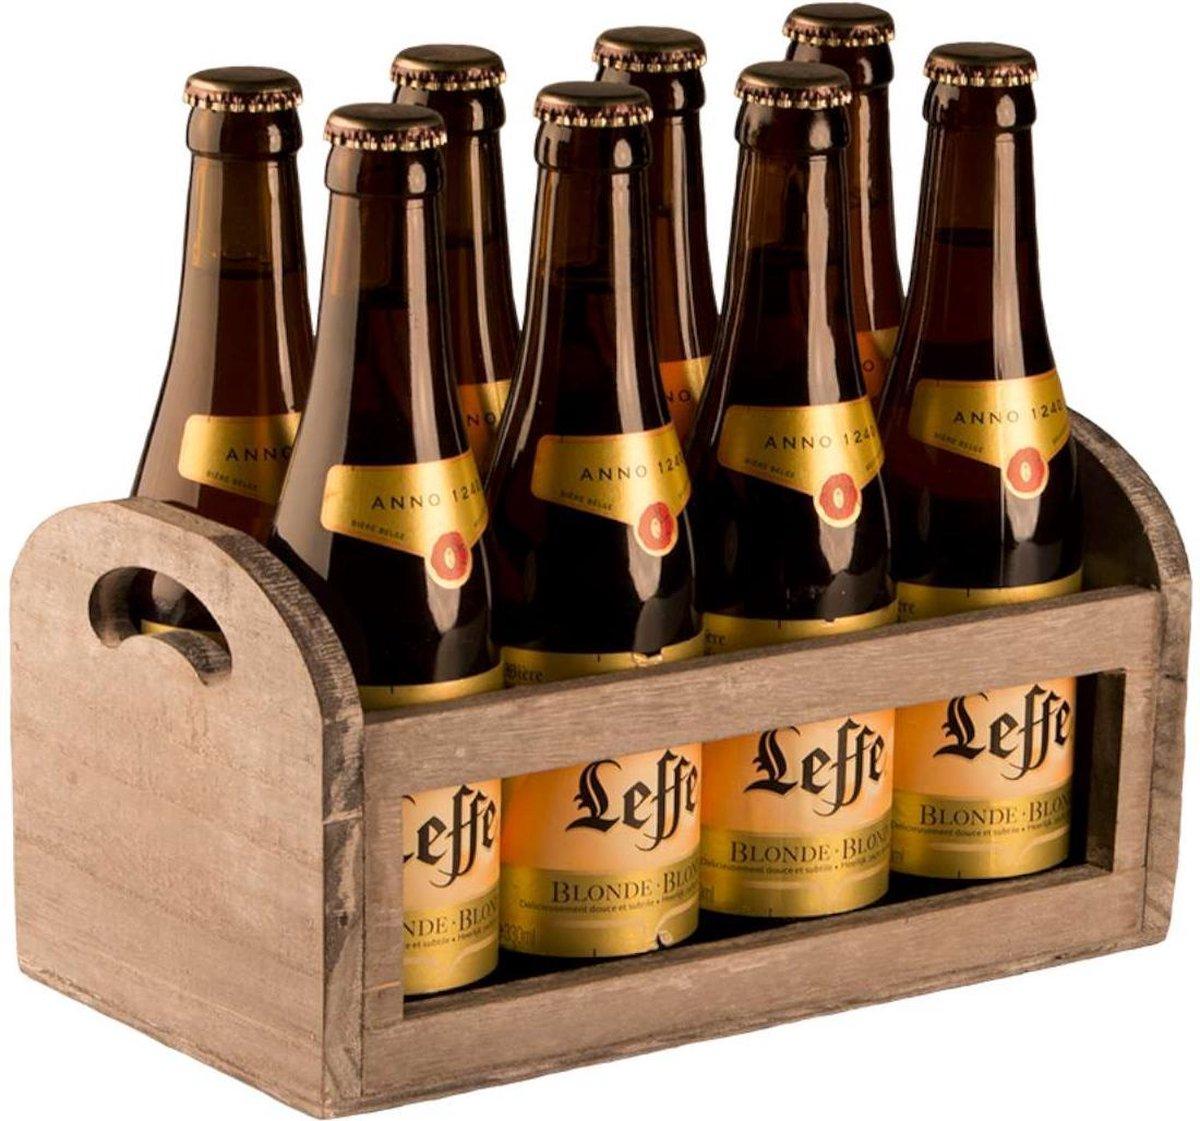 Cadeaubakje voor 6 flessen- hout